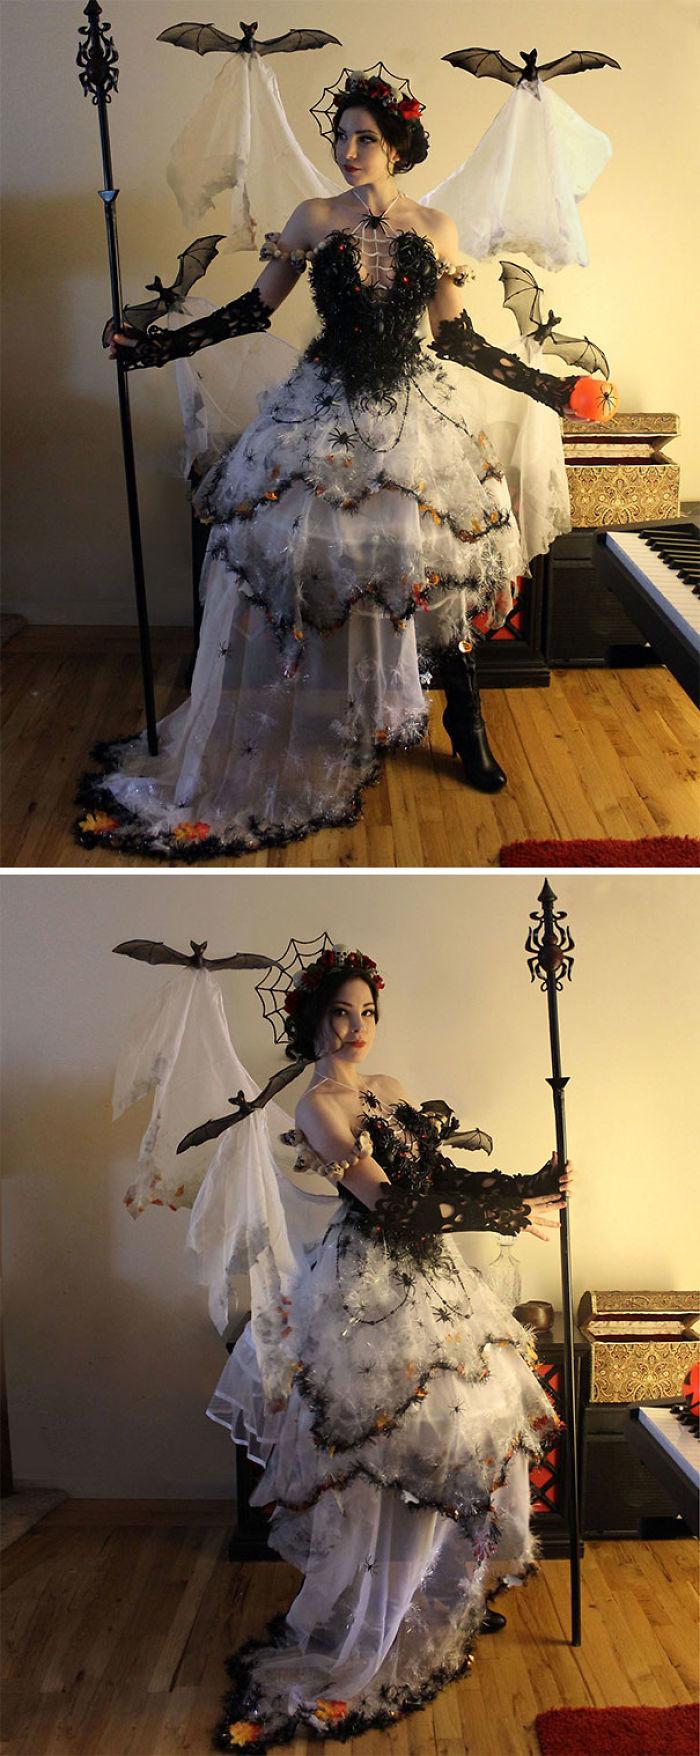 Disfraz hecho con decoración de Halloween